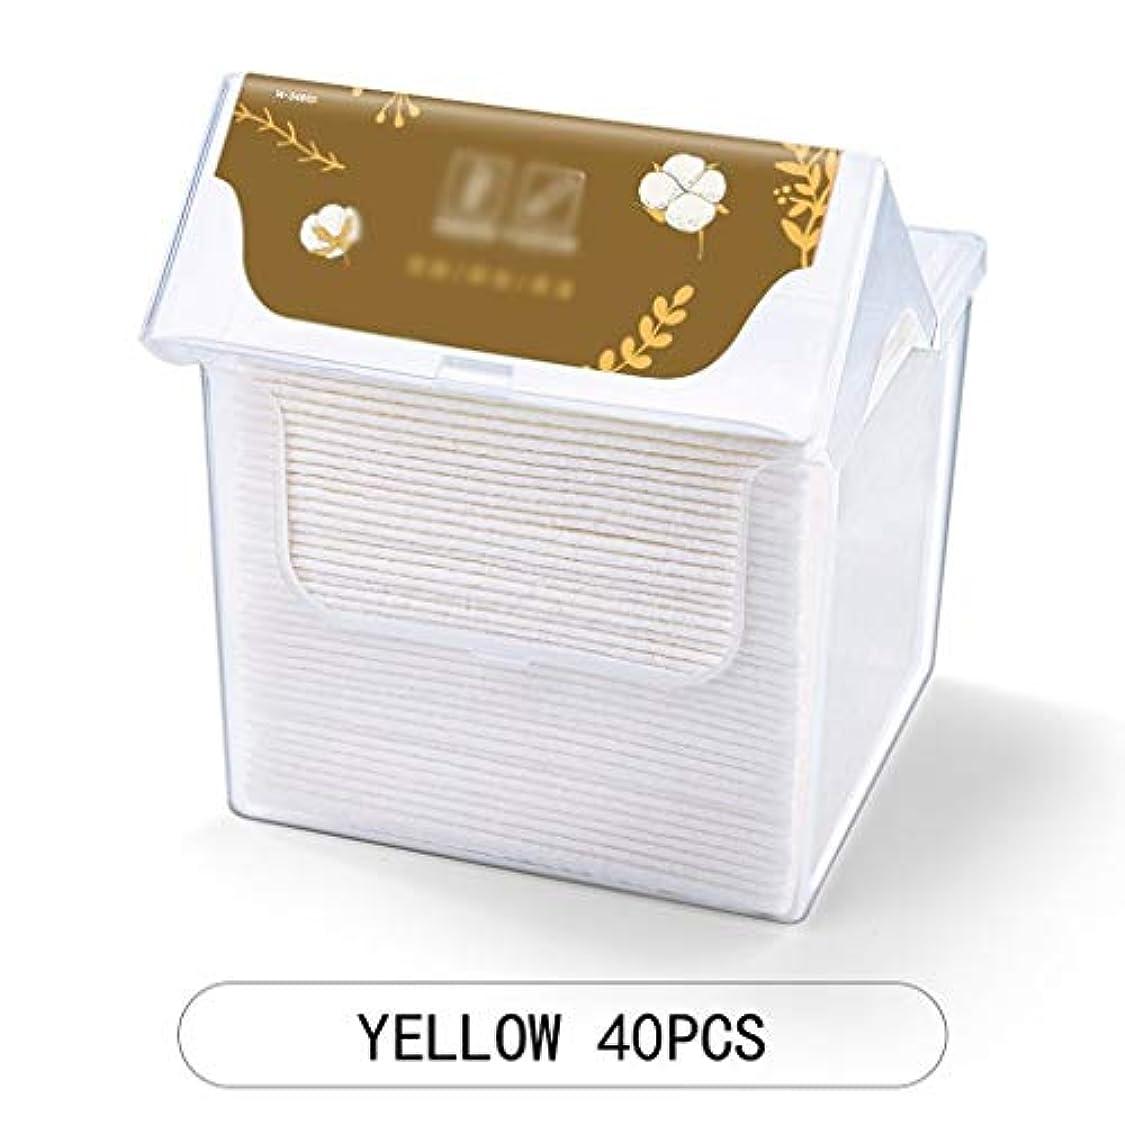 せがむ慢性的よろしくクレンジングシート 柔らかい綿のティッシュメイクアップワイプ多目的フェイスクリーニングフェイスクロスコットンパッドメイクアップ取り外し家庭用クリーニング (Color : Green)